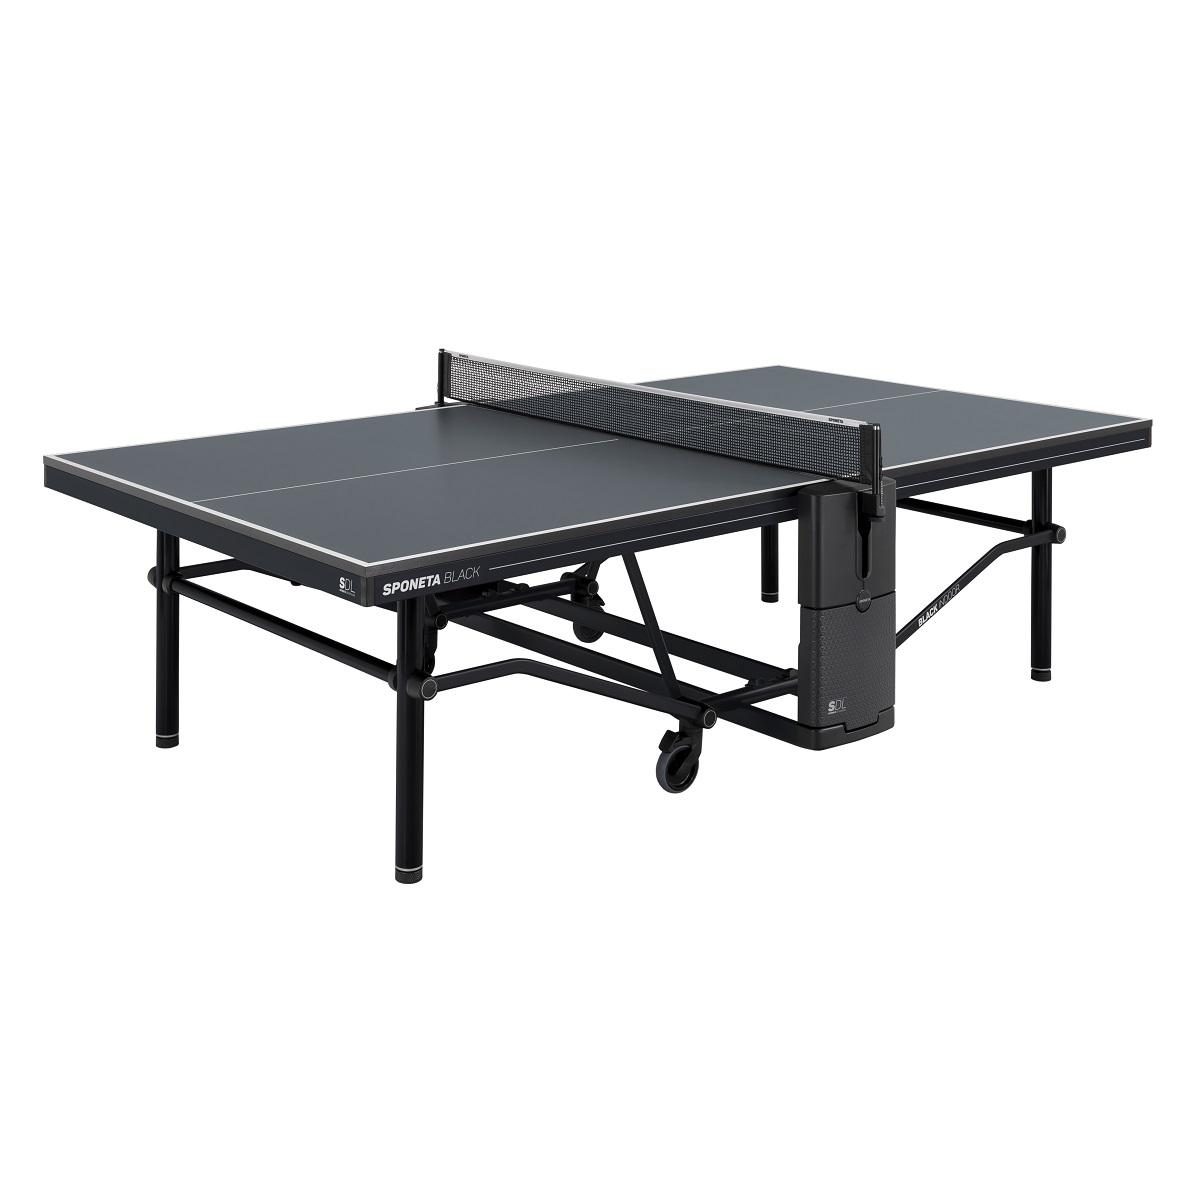 Stôl na stolný tenis SPONETA Design Line - Black Outdoor - vonkajší